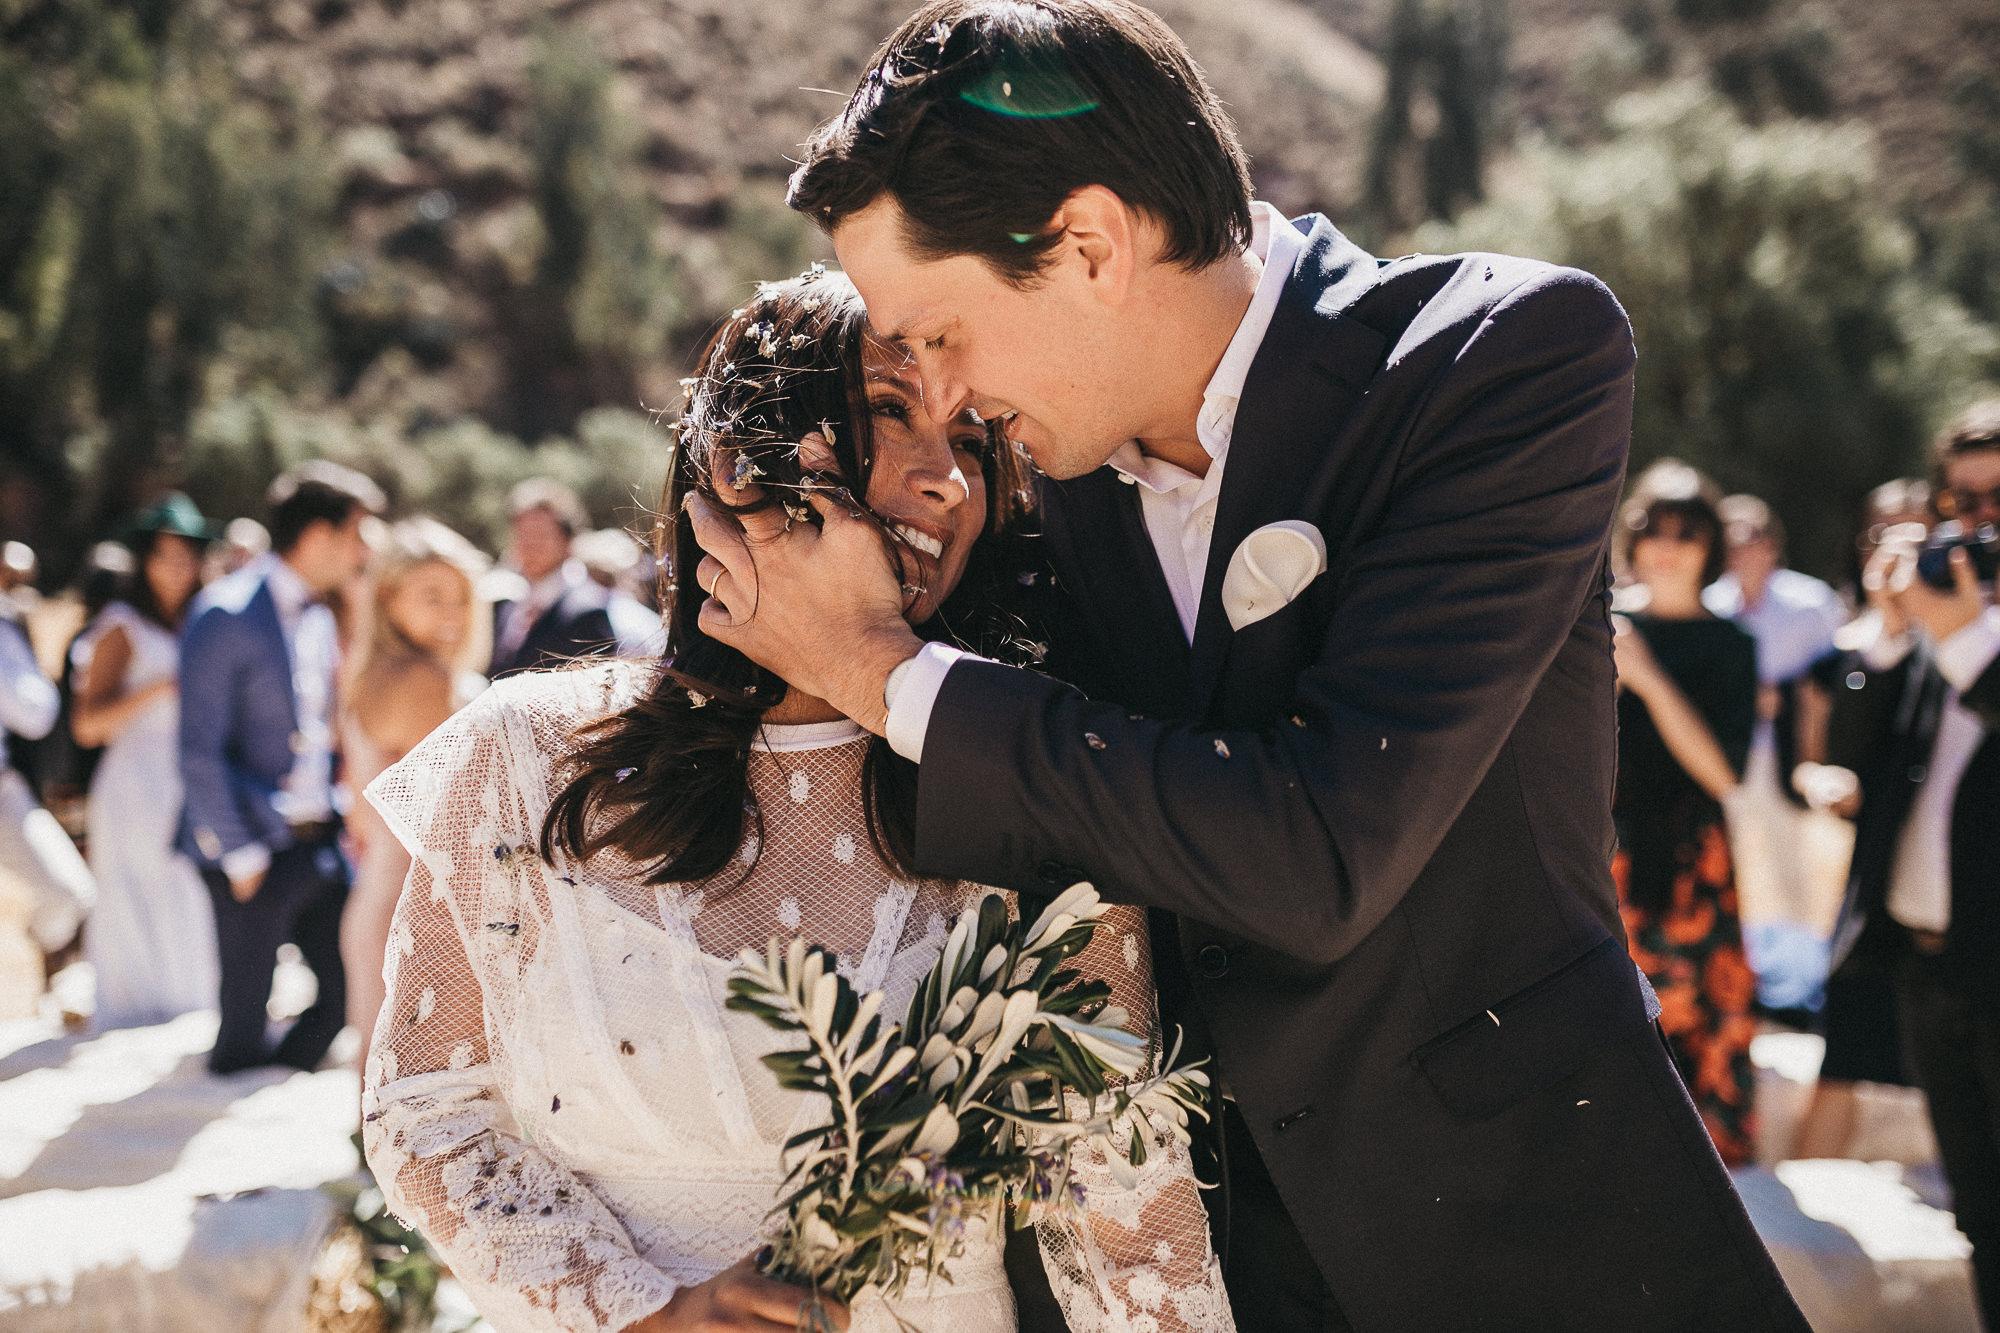 Fotografo de bodas españa serafin castillo wedding photographer spain 996.jpg